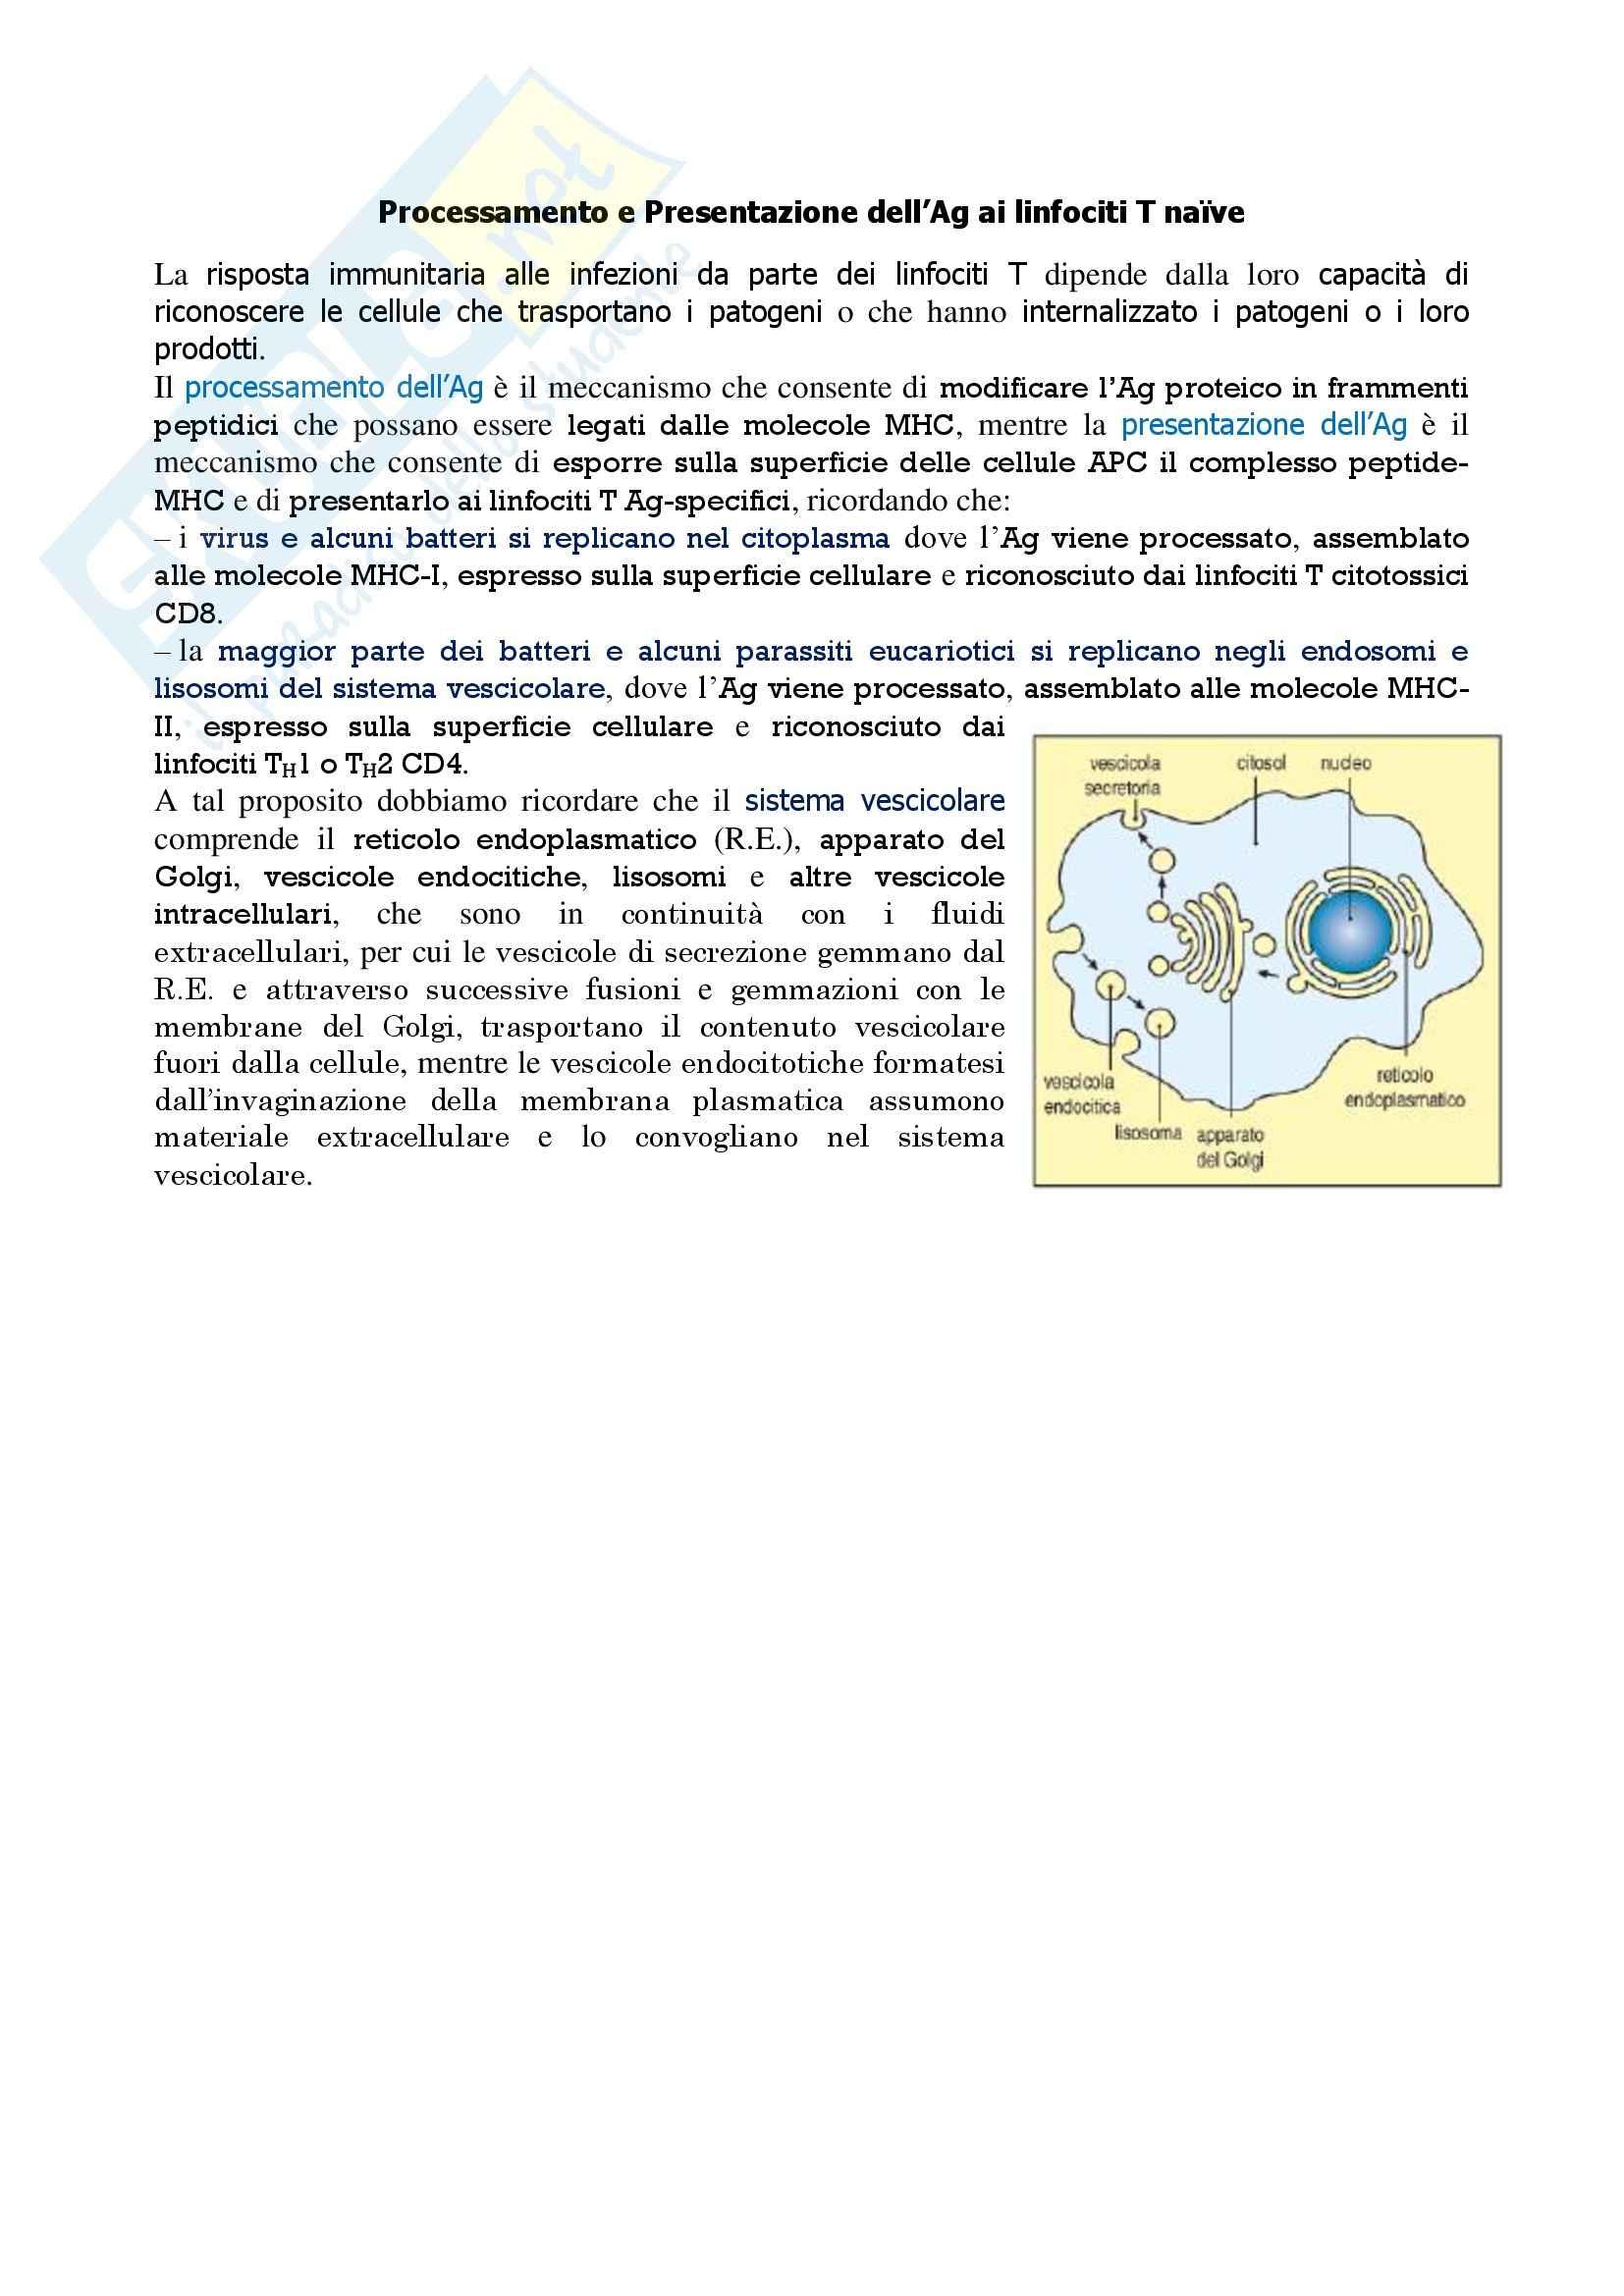 Immunologia - processamento e presentazione dell'Ag